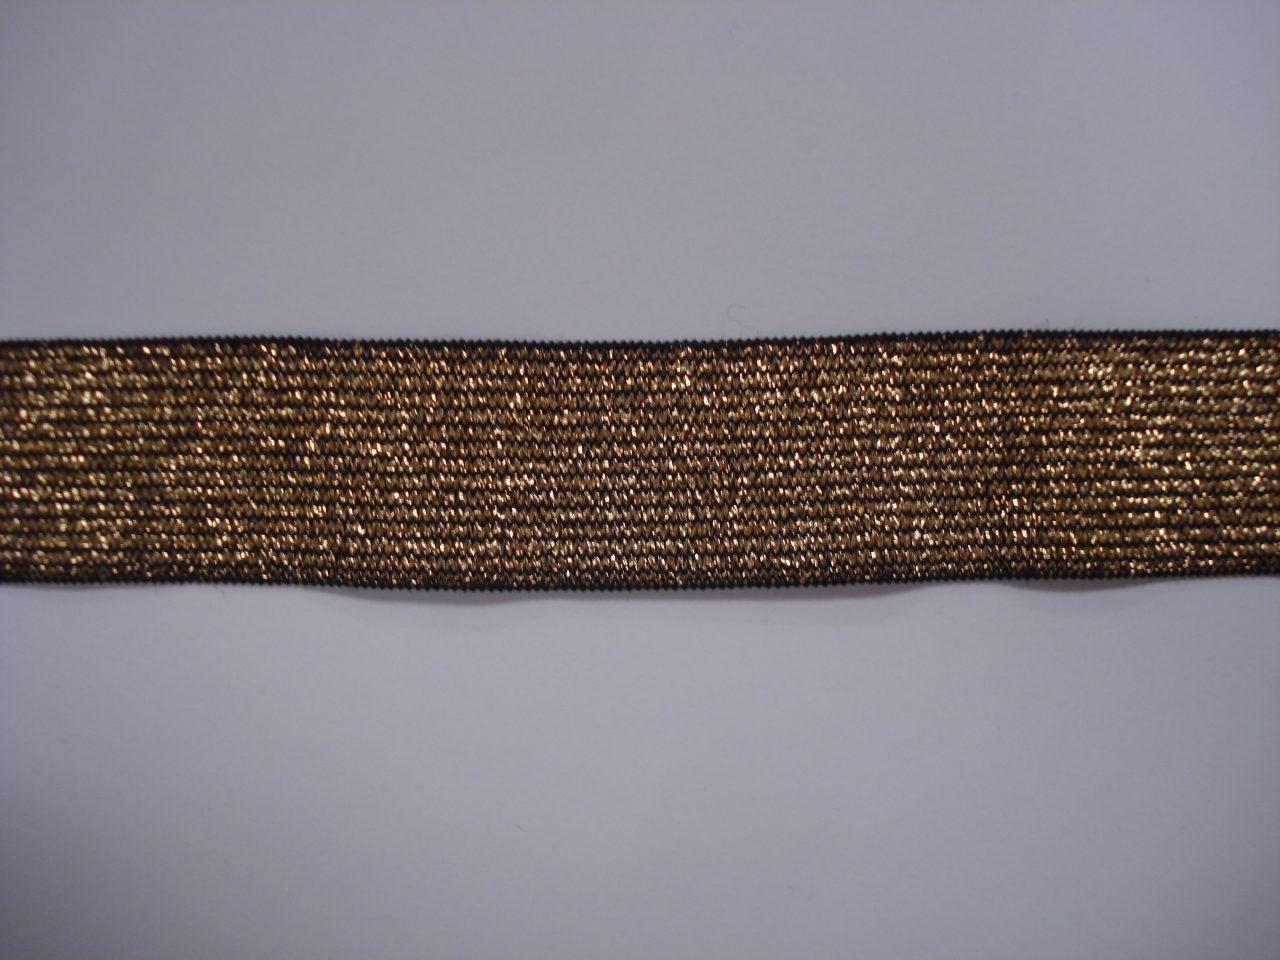 Gestreept Elastiek zwart/goud 25mm. halve meter €0,98.